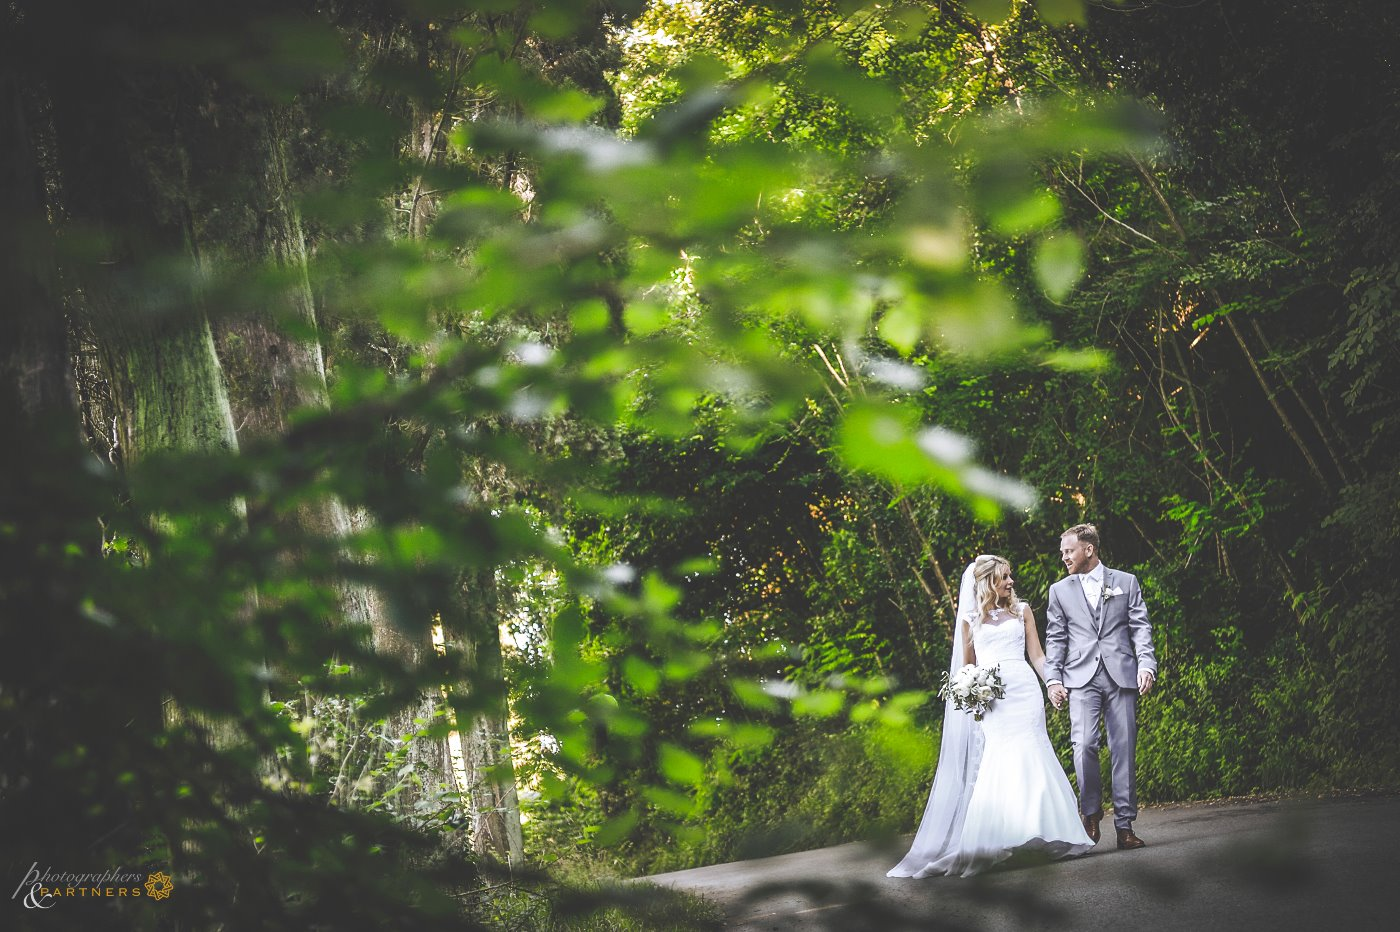 photography_weddings_bucciano_12.jpg